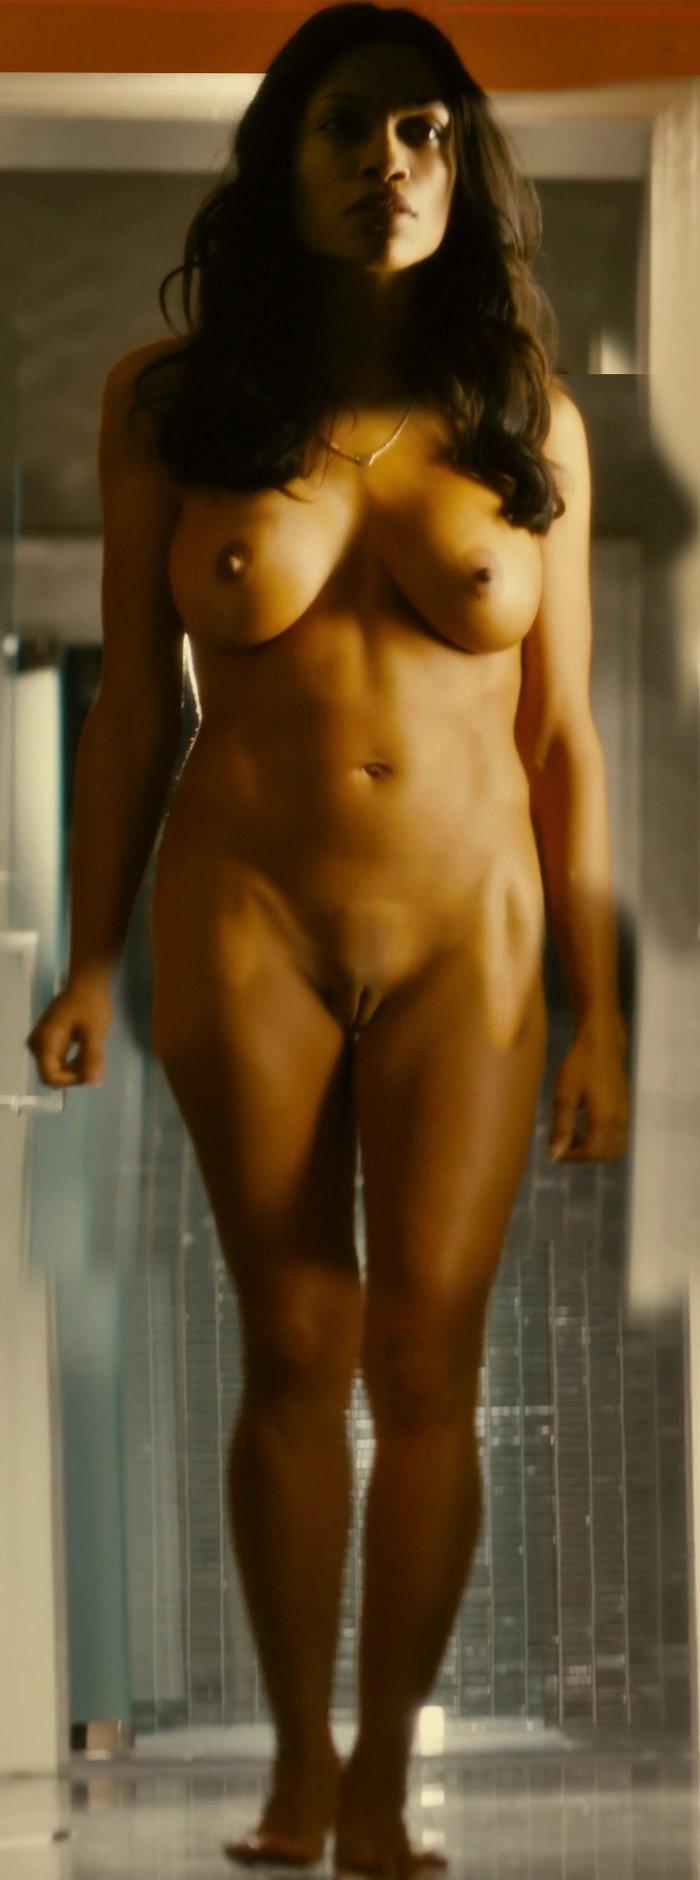 Rosario Dawson desnuda en película Trance